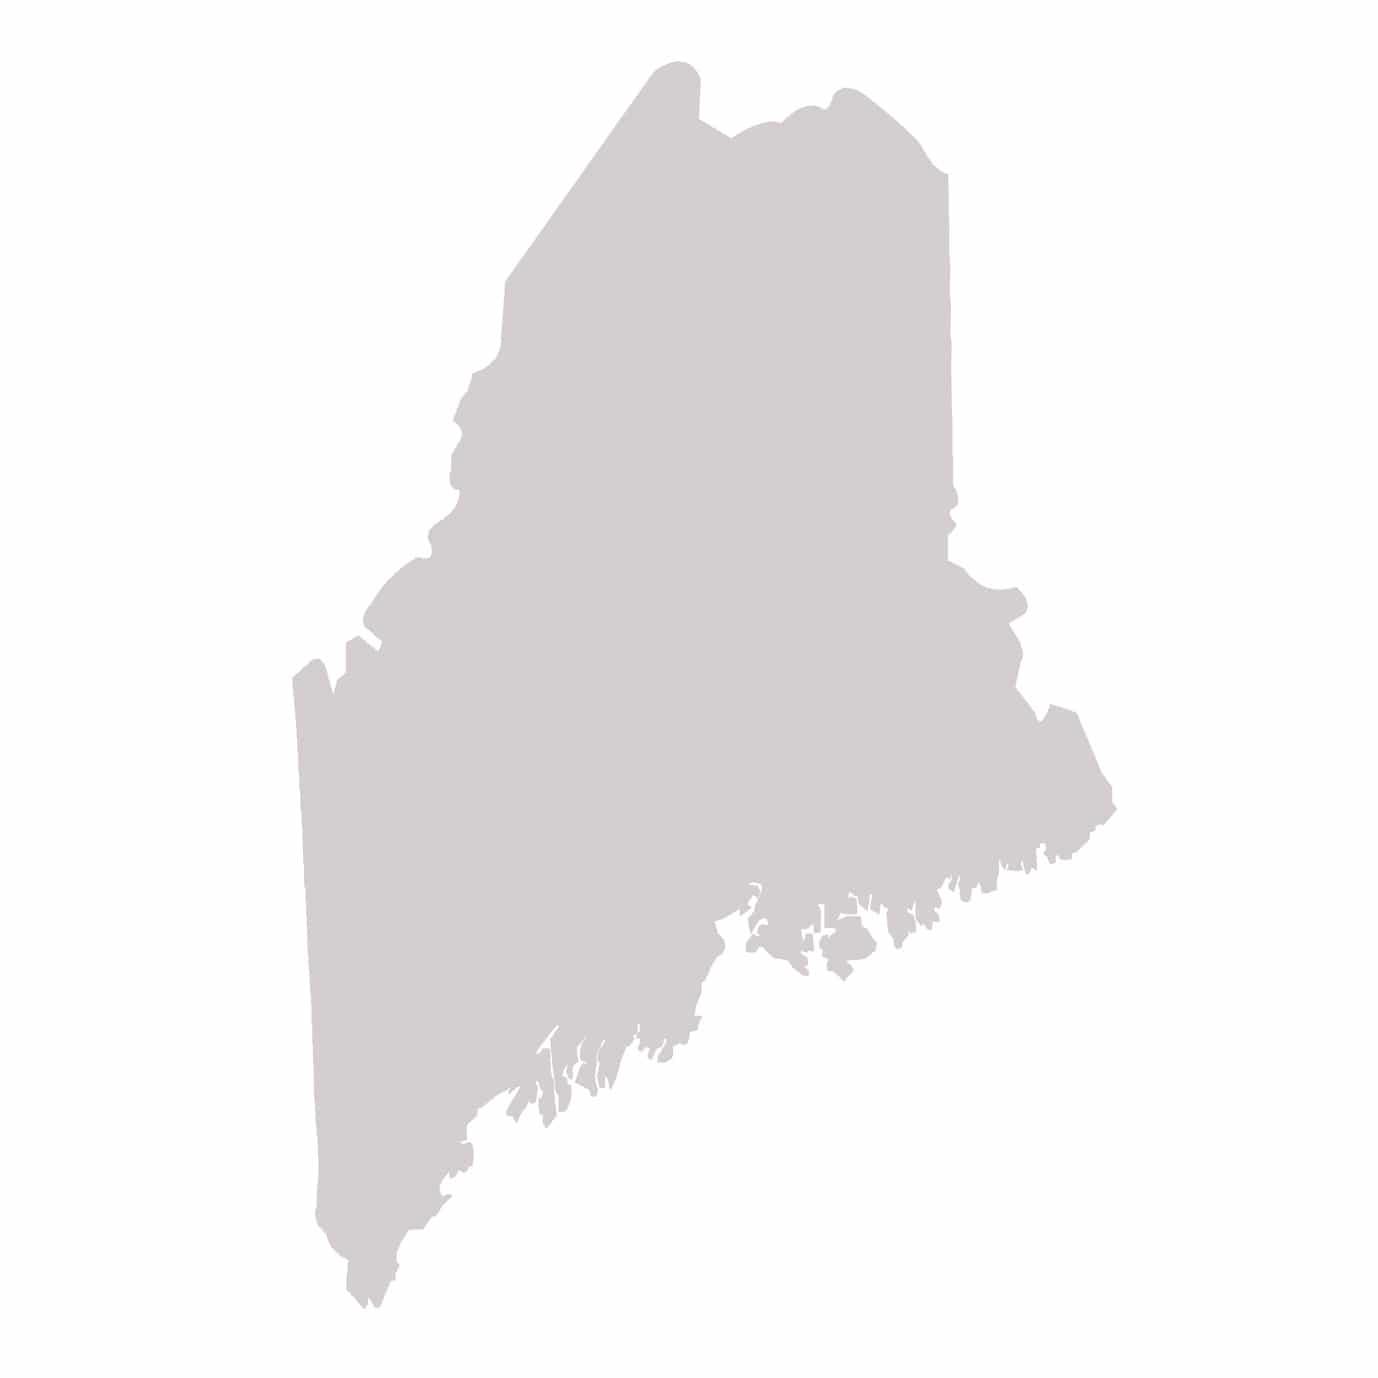 Maine Factoring Companies